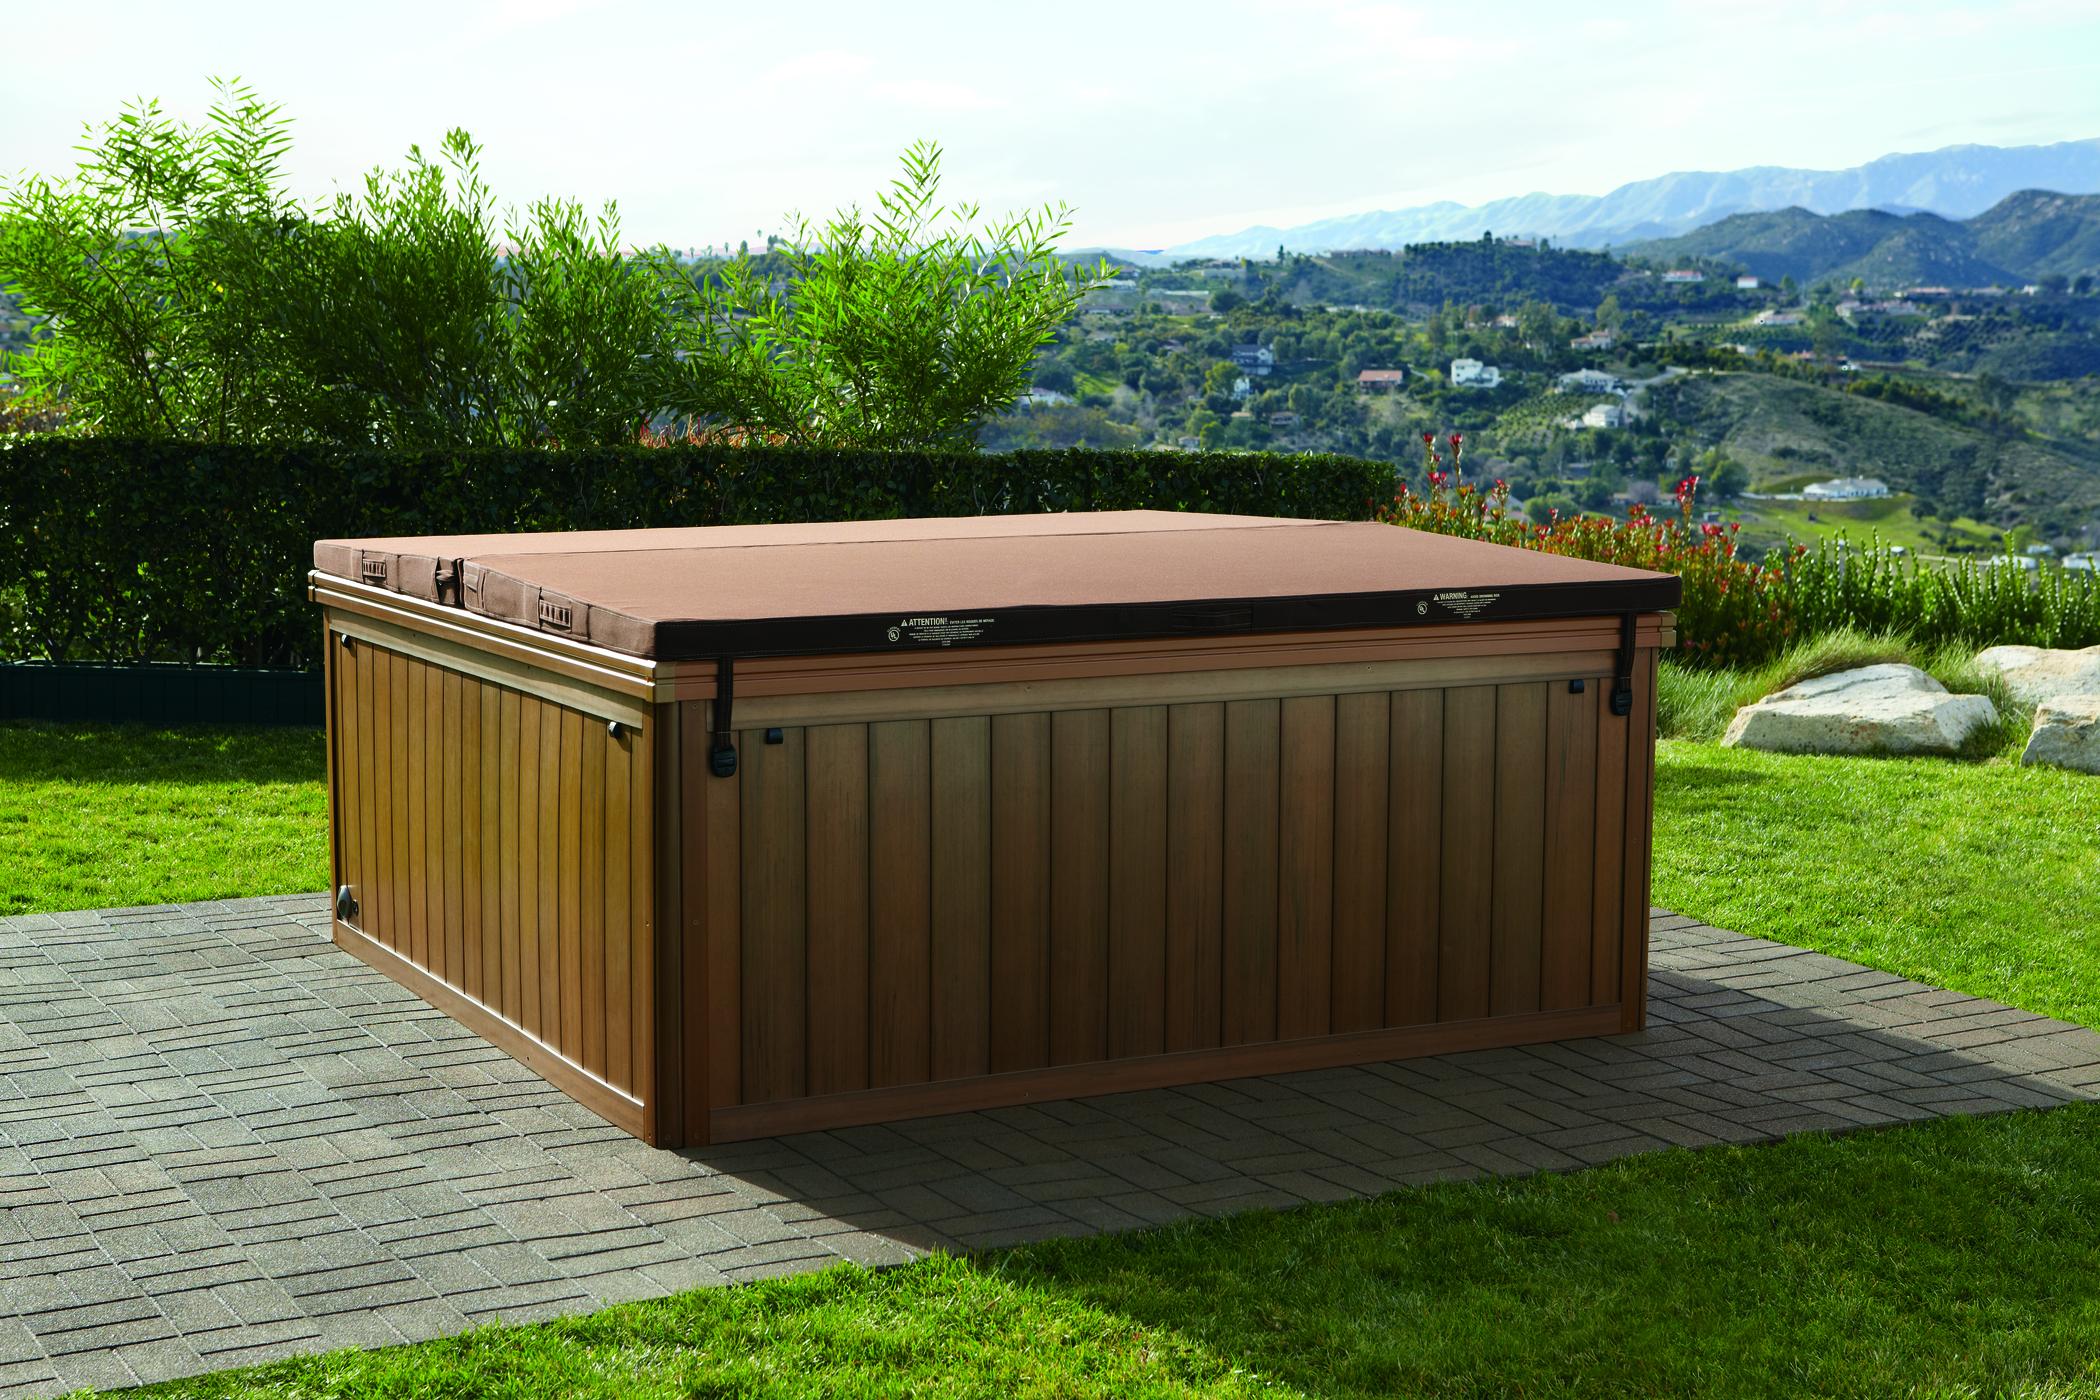 Hot tub cover on a Sundance Spas Brand hot tub.